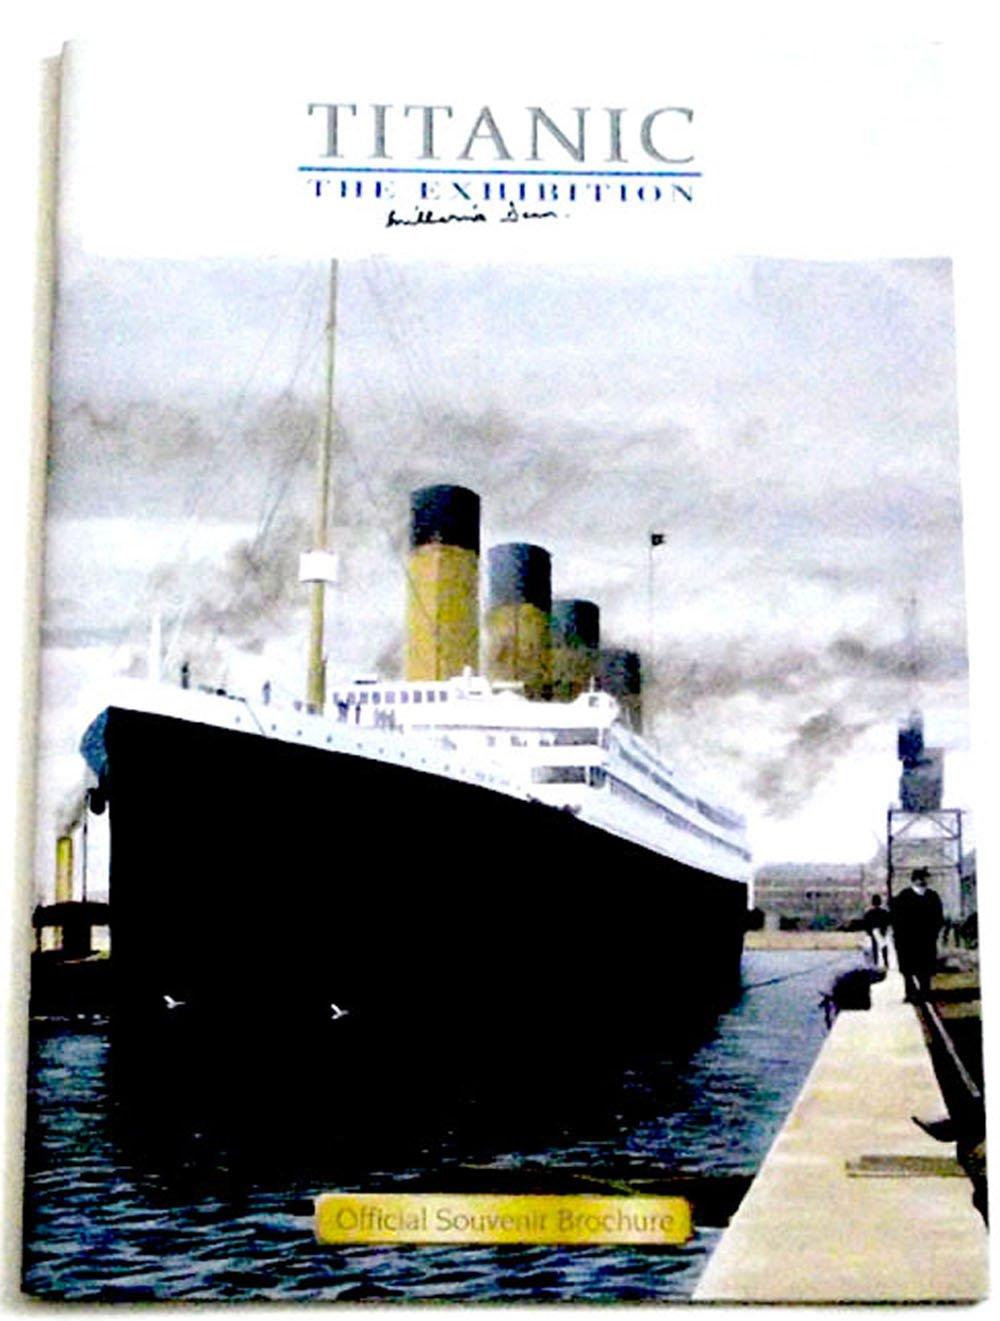 Titanic The Exhibition Brochure Autographed by Titanic Survivor Millvina Dean